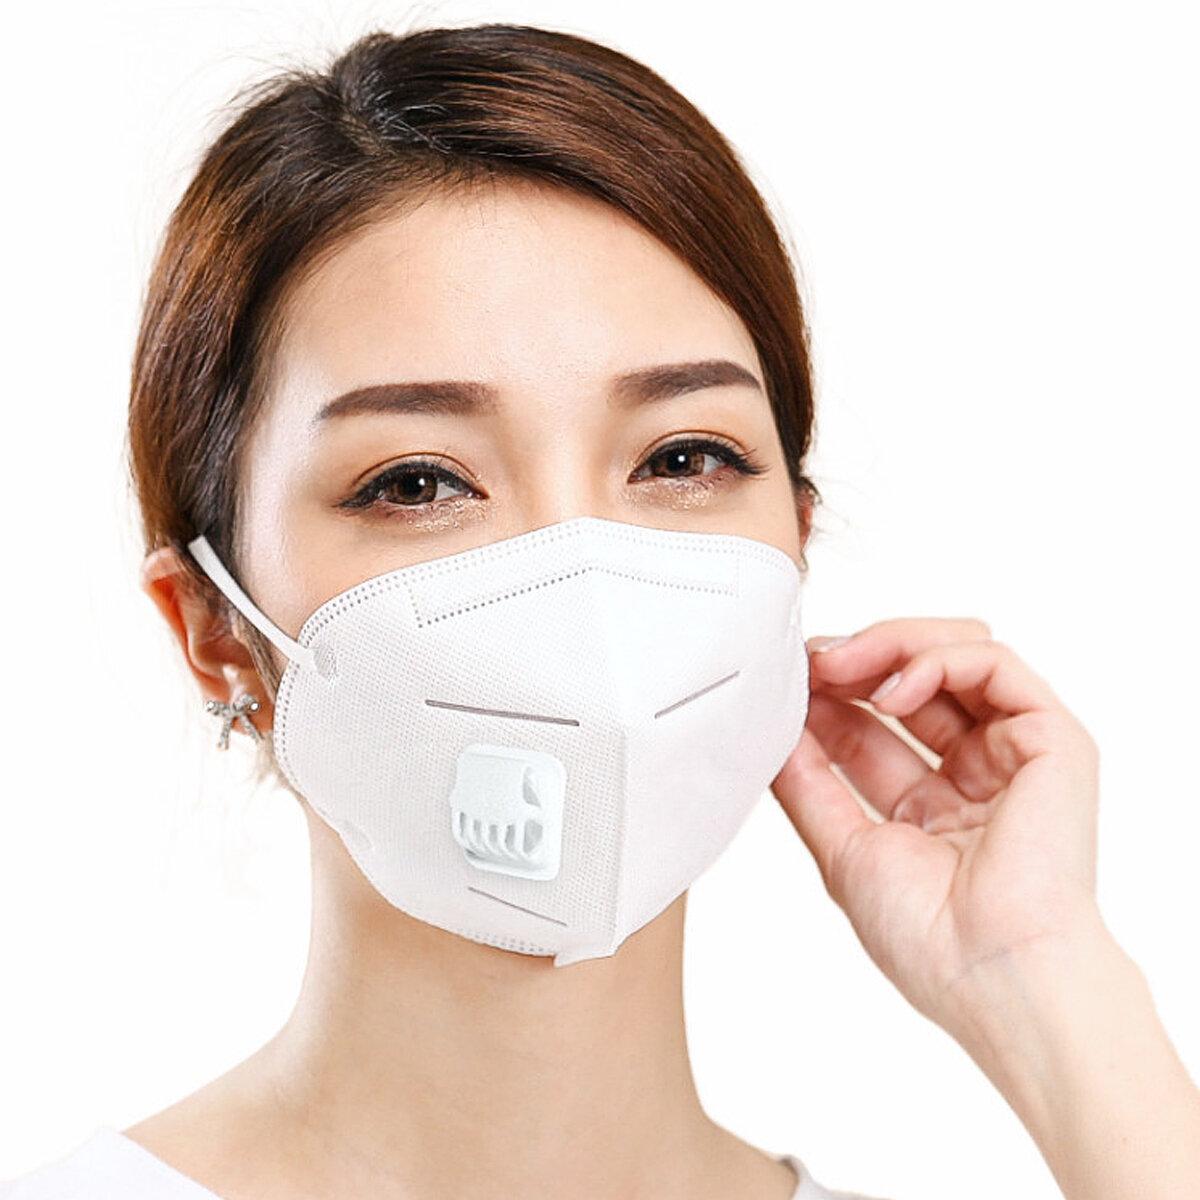 Deney Sis us 34 Vanası Patojen amp; Endüstriyel Laboratuvar Anti-virüs From Bilimsel Maske Araç Malzemeleri 4 Geçirmez Toz Katmanlı N95 Solunum 3